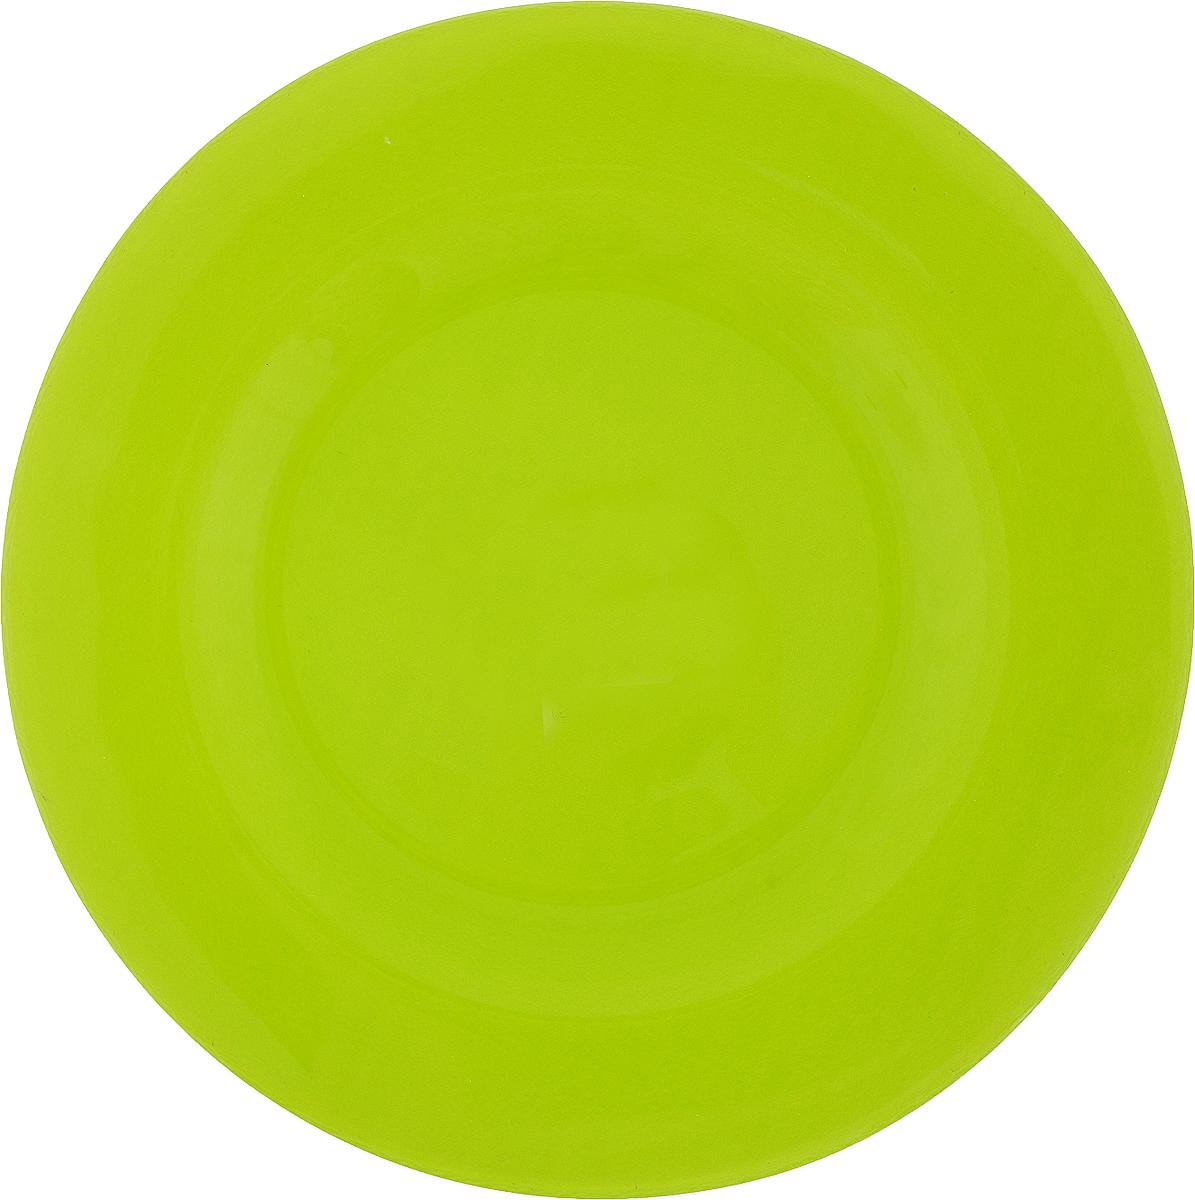 Тарелка Pasabahce Грин Виллаж, цвет: зеленый, диаметр 26 см1546301Тарелка Pasabahce Грин Виллаж выполнена из качественногостекла. Тарелка прекрасно подойдет в качествесервировочного блюда для фруктов, десертов, закусок, торта идругого.Диаметр тарелки: 26 см.